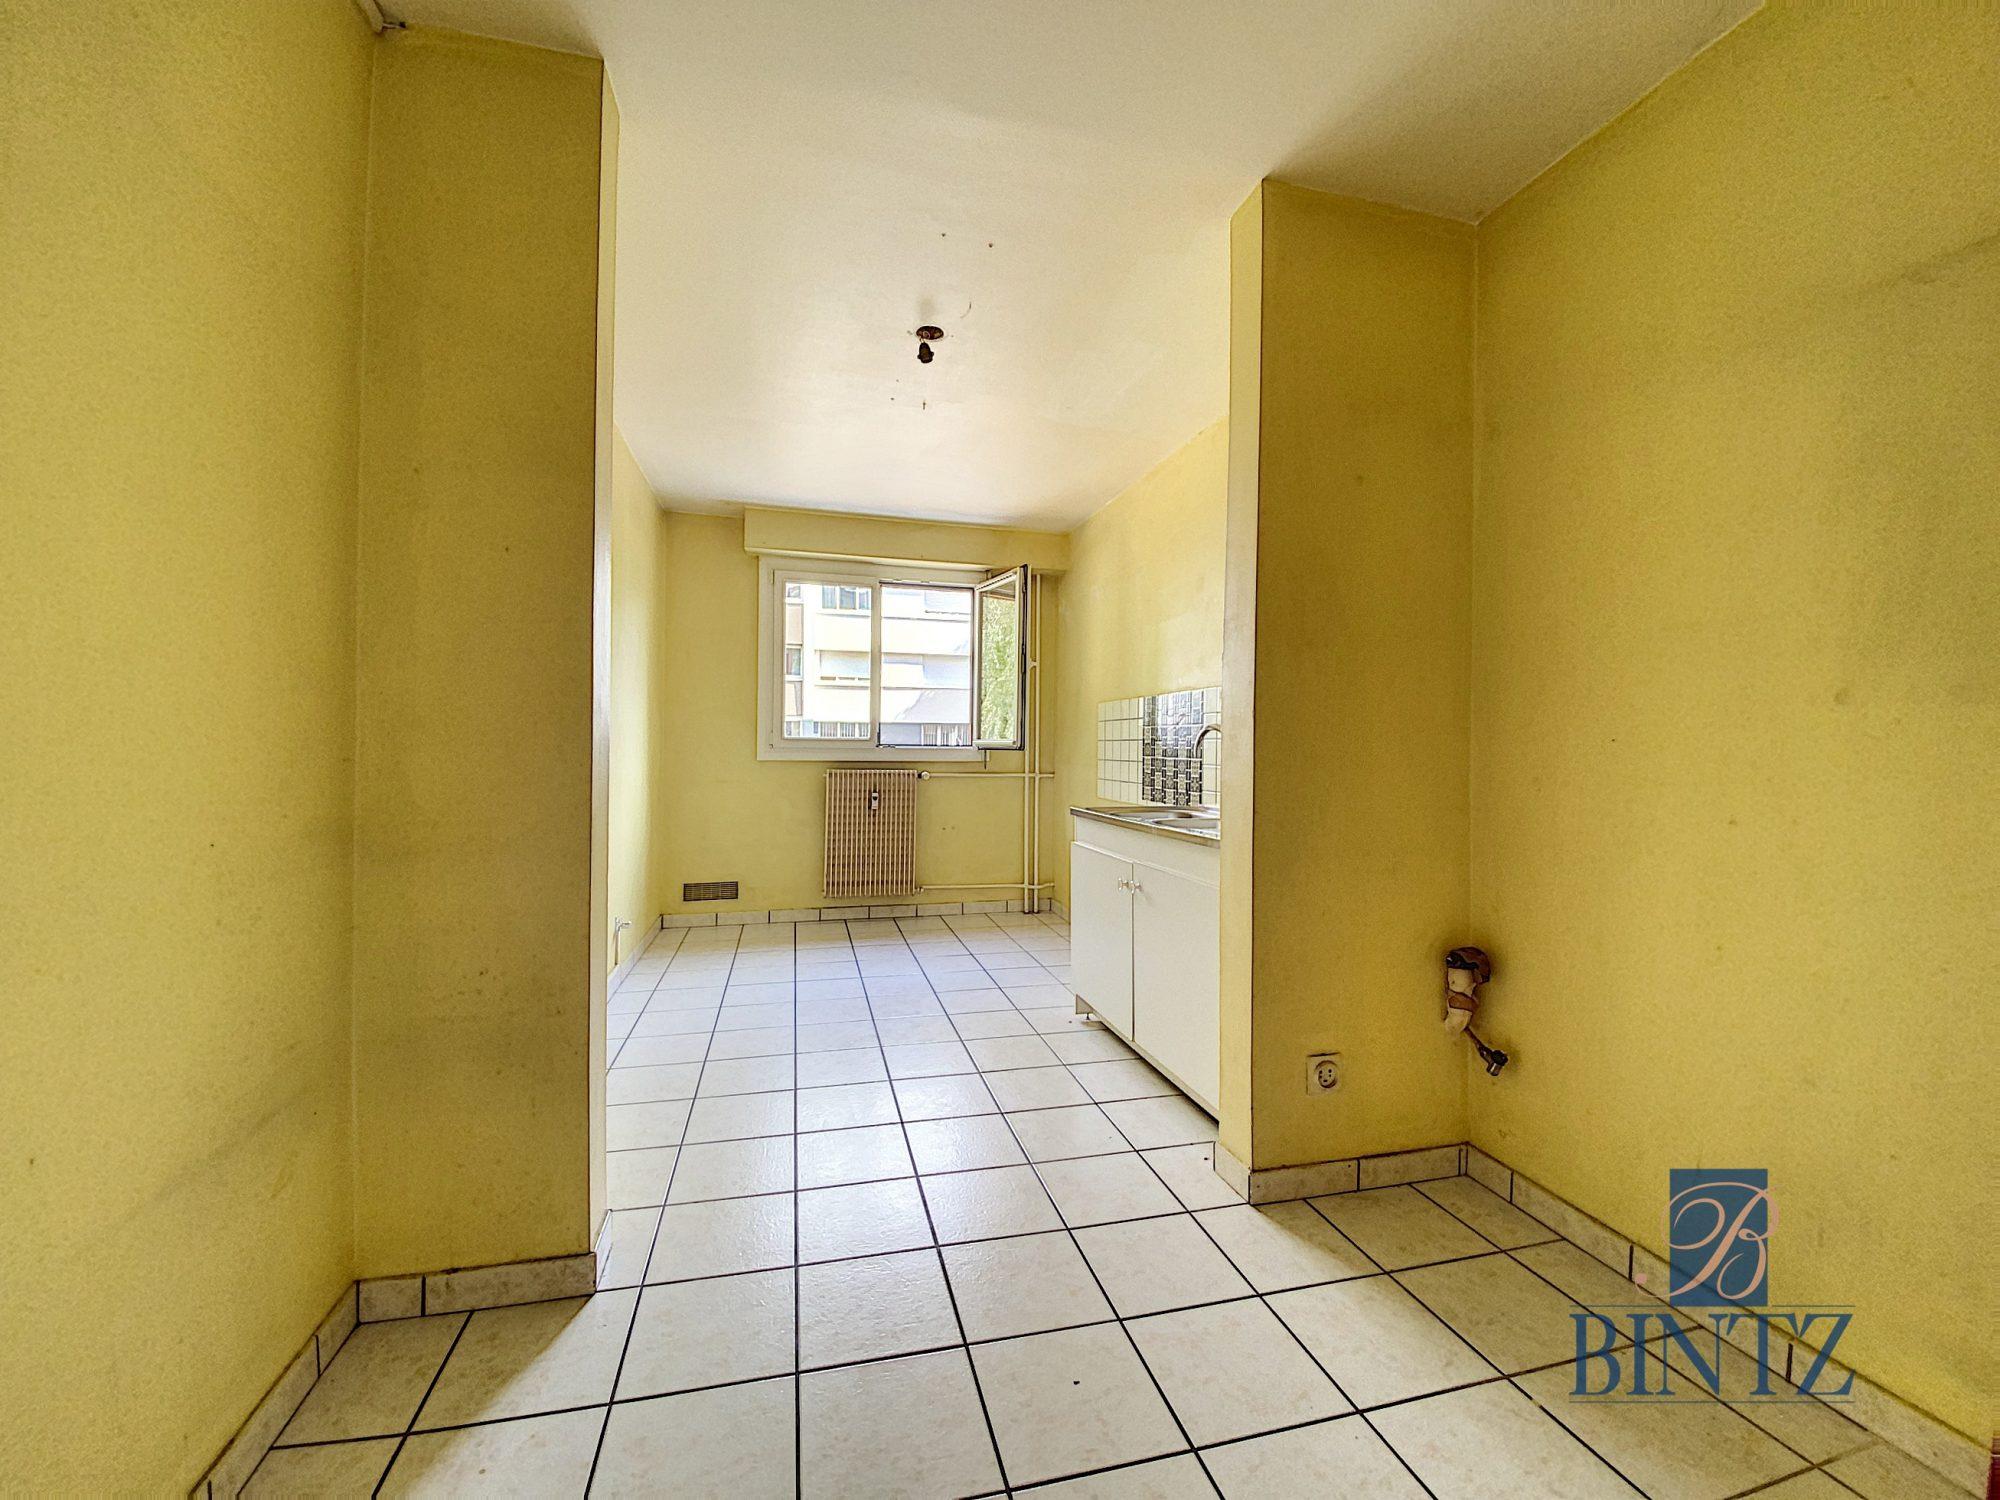 Boulevard la Fontaine Appartement 3 pièces + garage fermé - Devenez propriétaire en toute confiance - Bintz Immobilier - 6